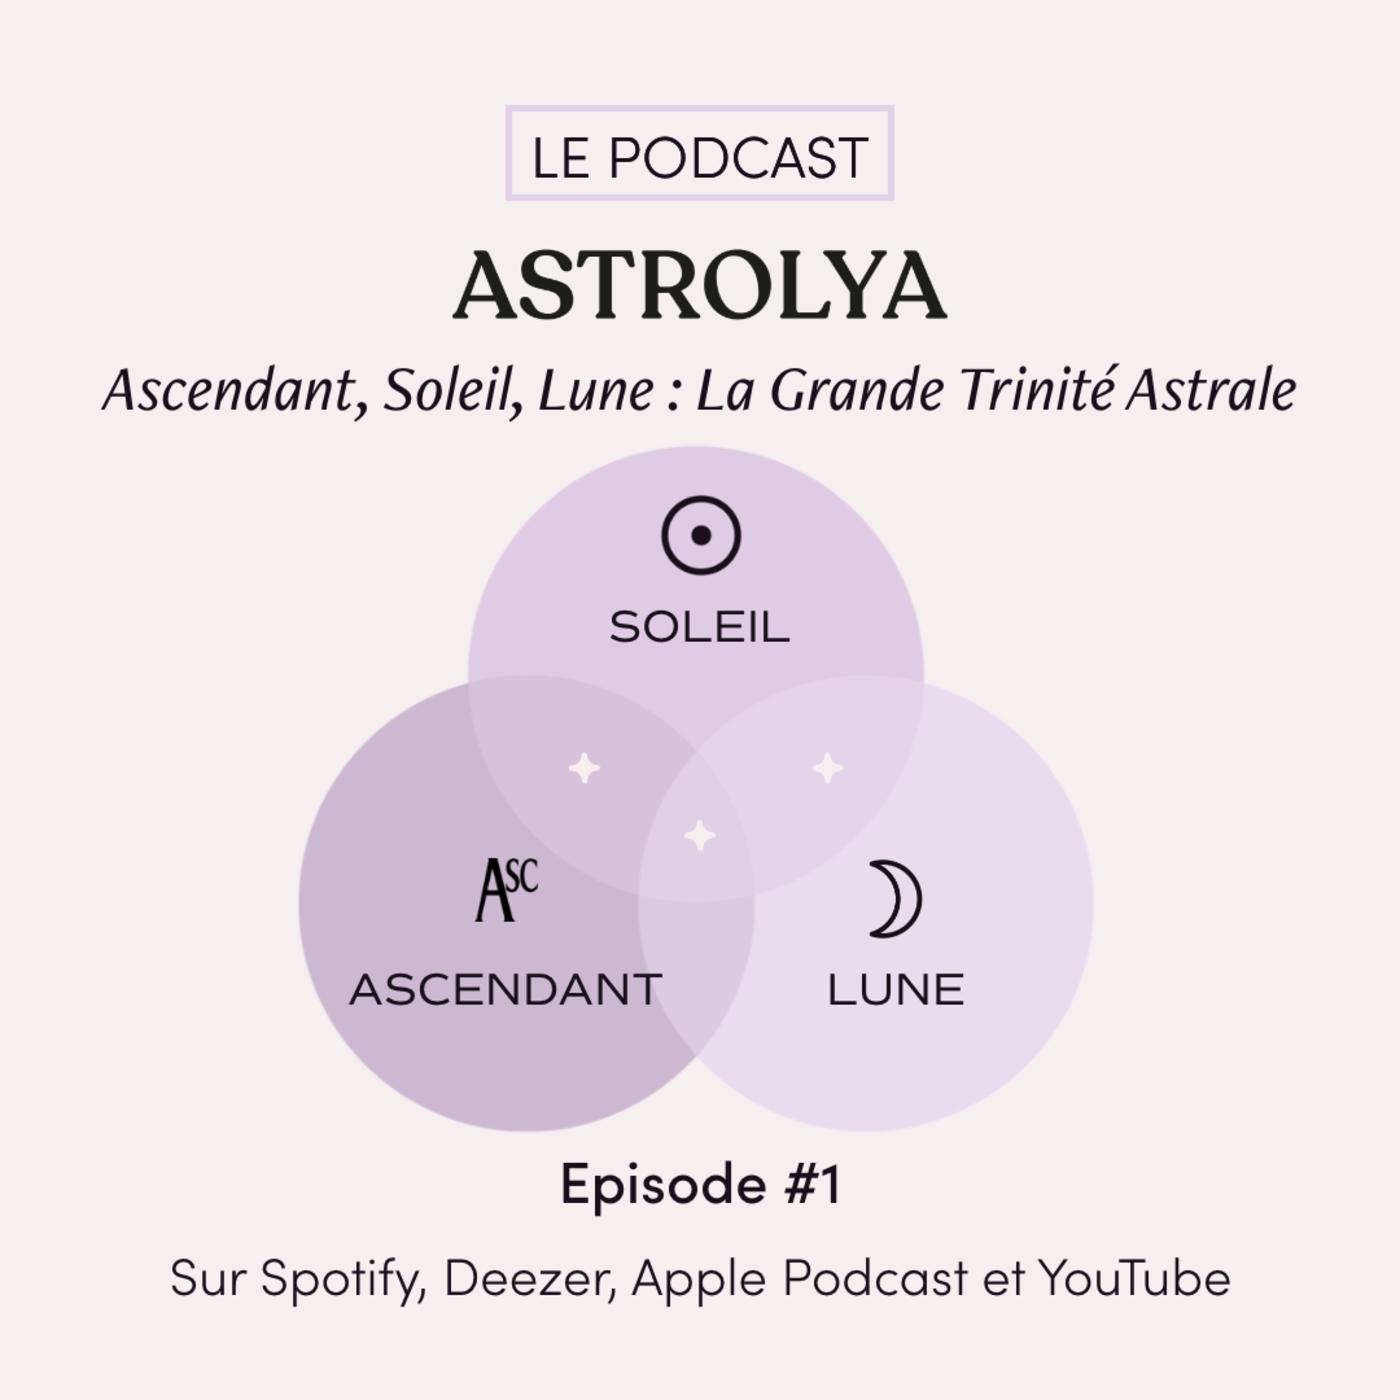 #1 Ascendant, Soleil, Lune